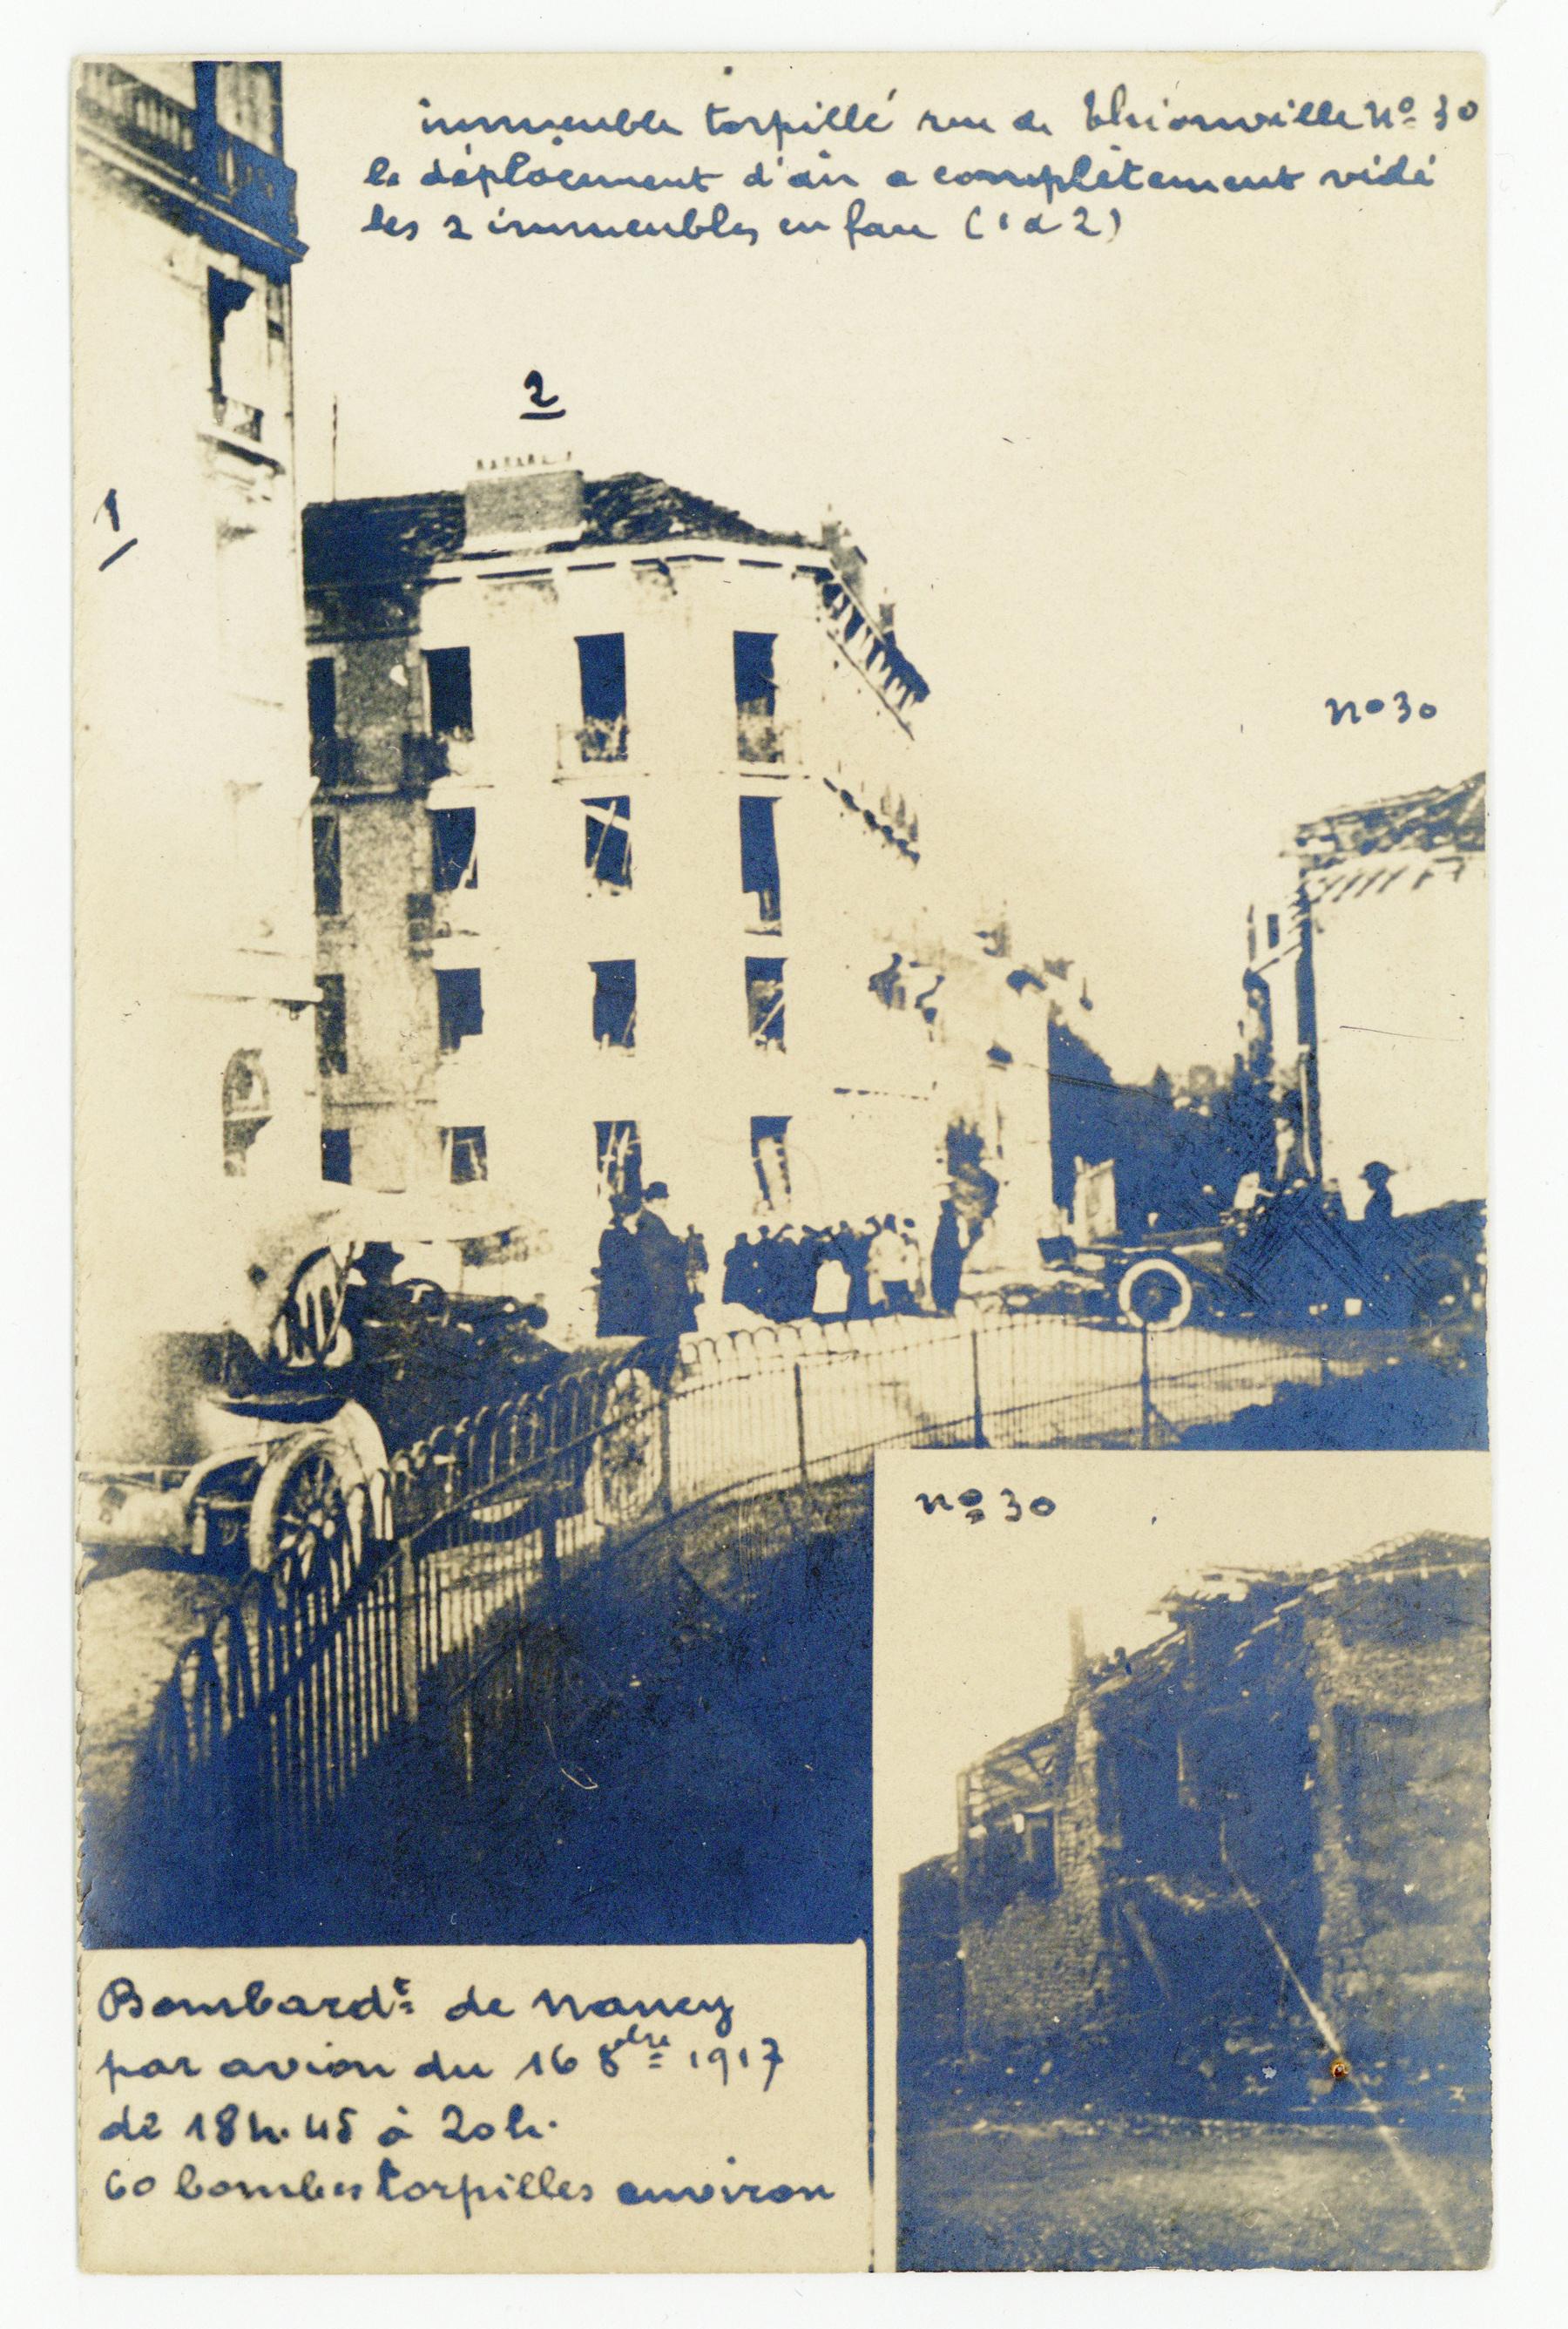 Contenu du Bombardement d'octobre 1917, rue de Thionville.